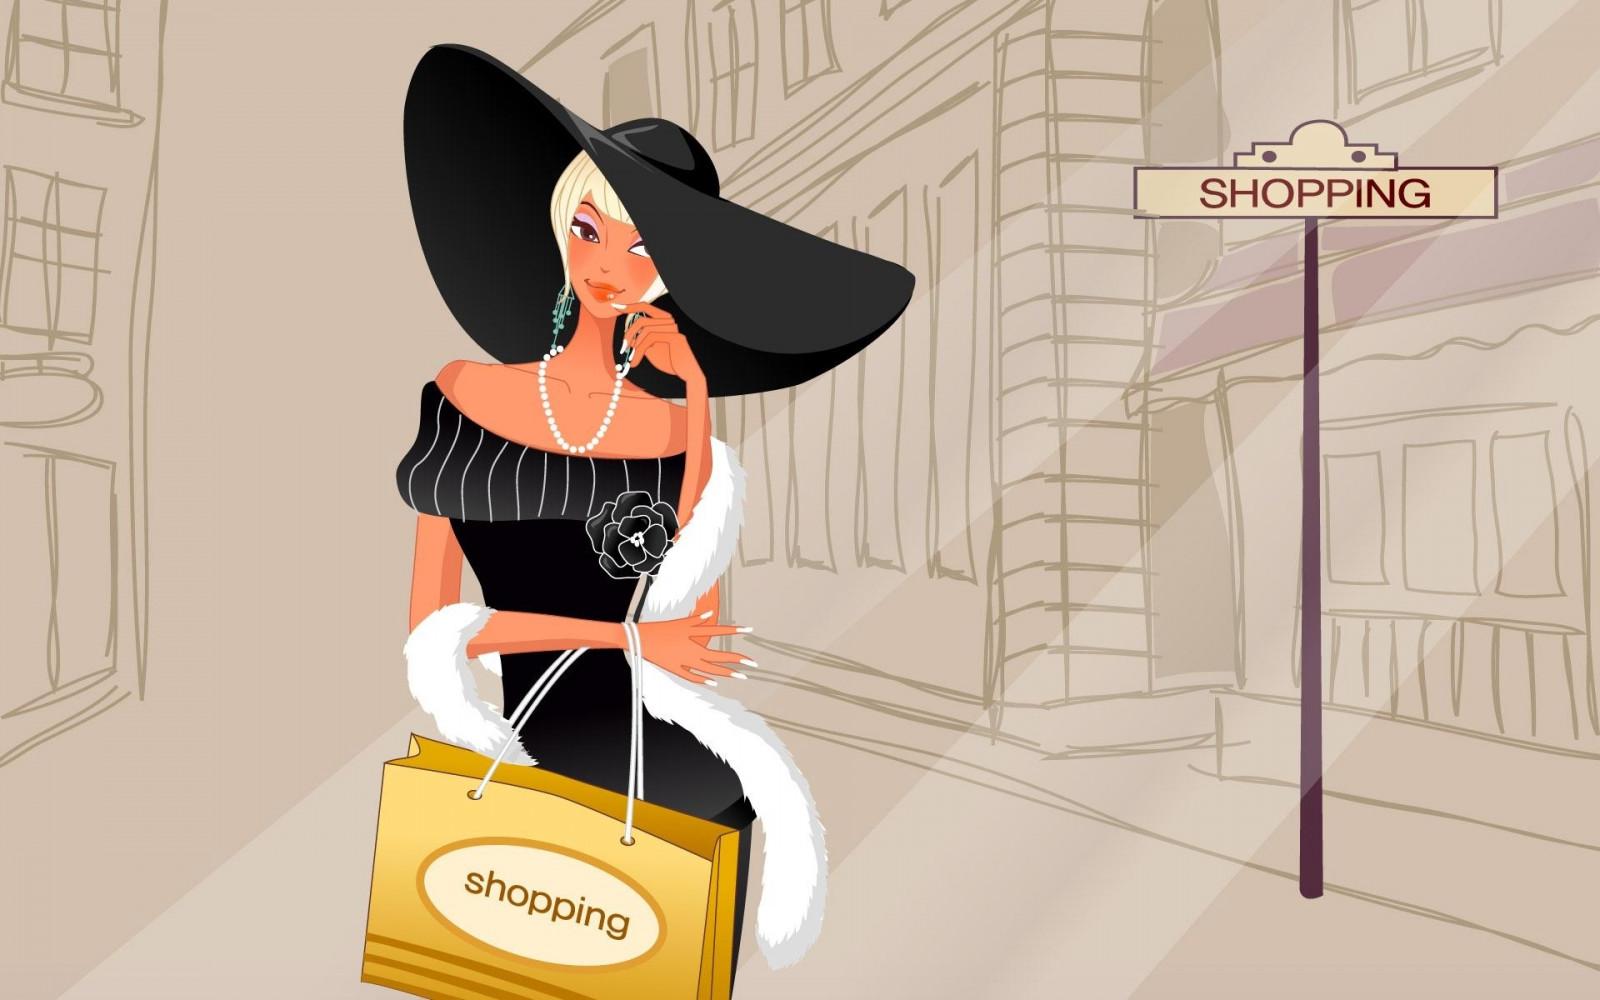 дадим прикольные картинки для магазина одежды будет чувствовать вашу